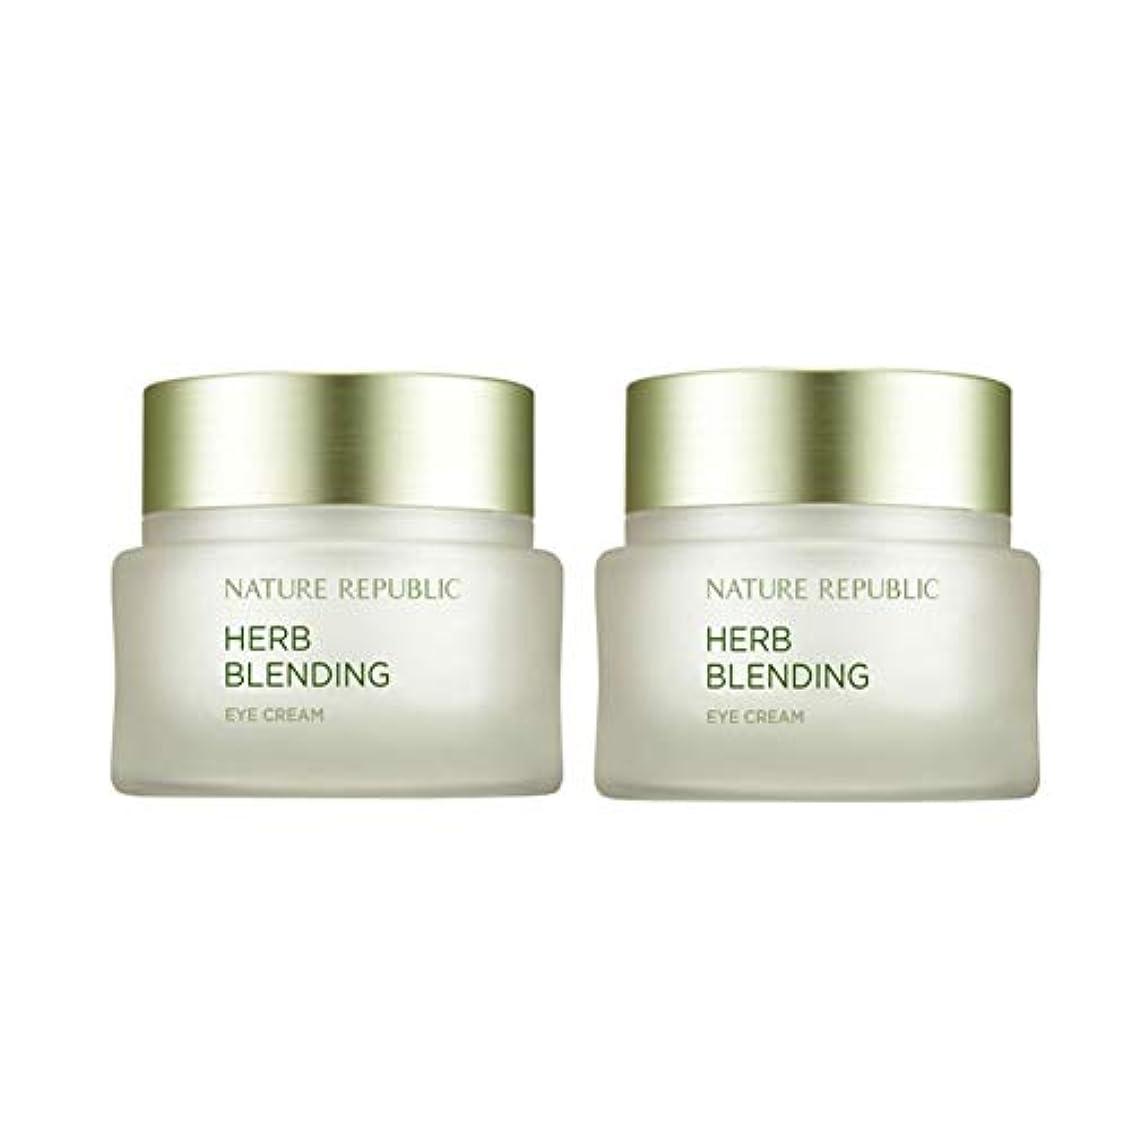 十分道路を作るプロセス急性ネイチャーリパブリックハーブ?ブレンディングクリーム50mlx 2本セット韓国コスメ、Nature Republic Herb Blending Cream 50ml x 2ea Set Korean Cosmetics...